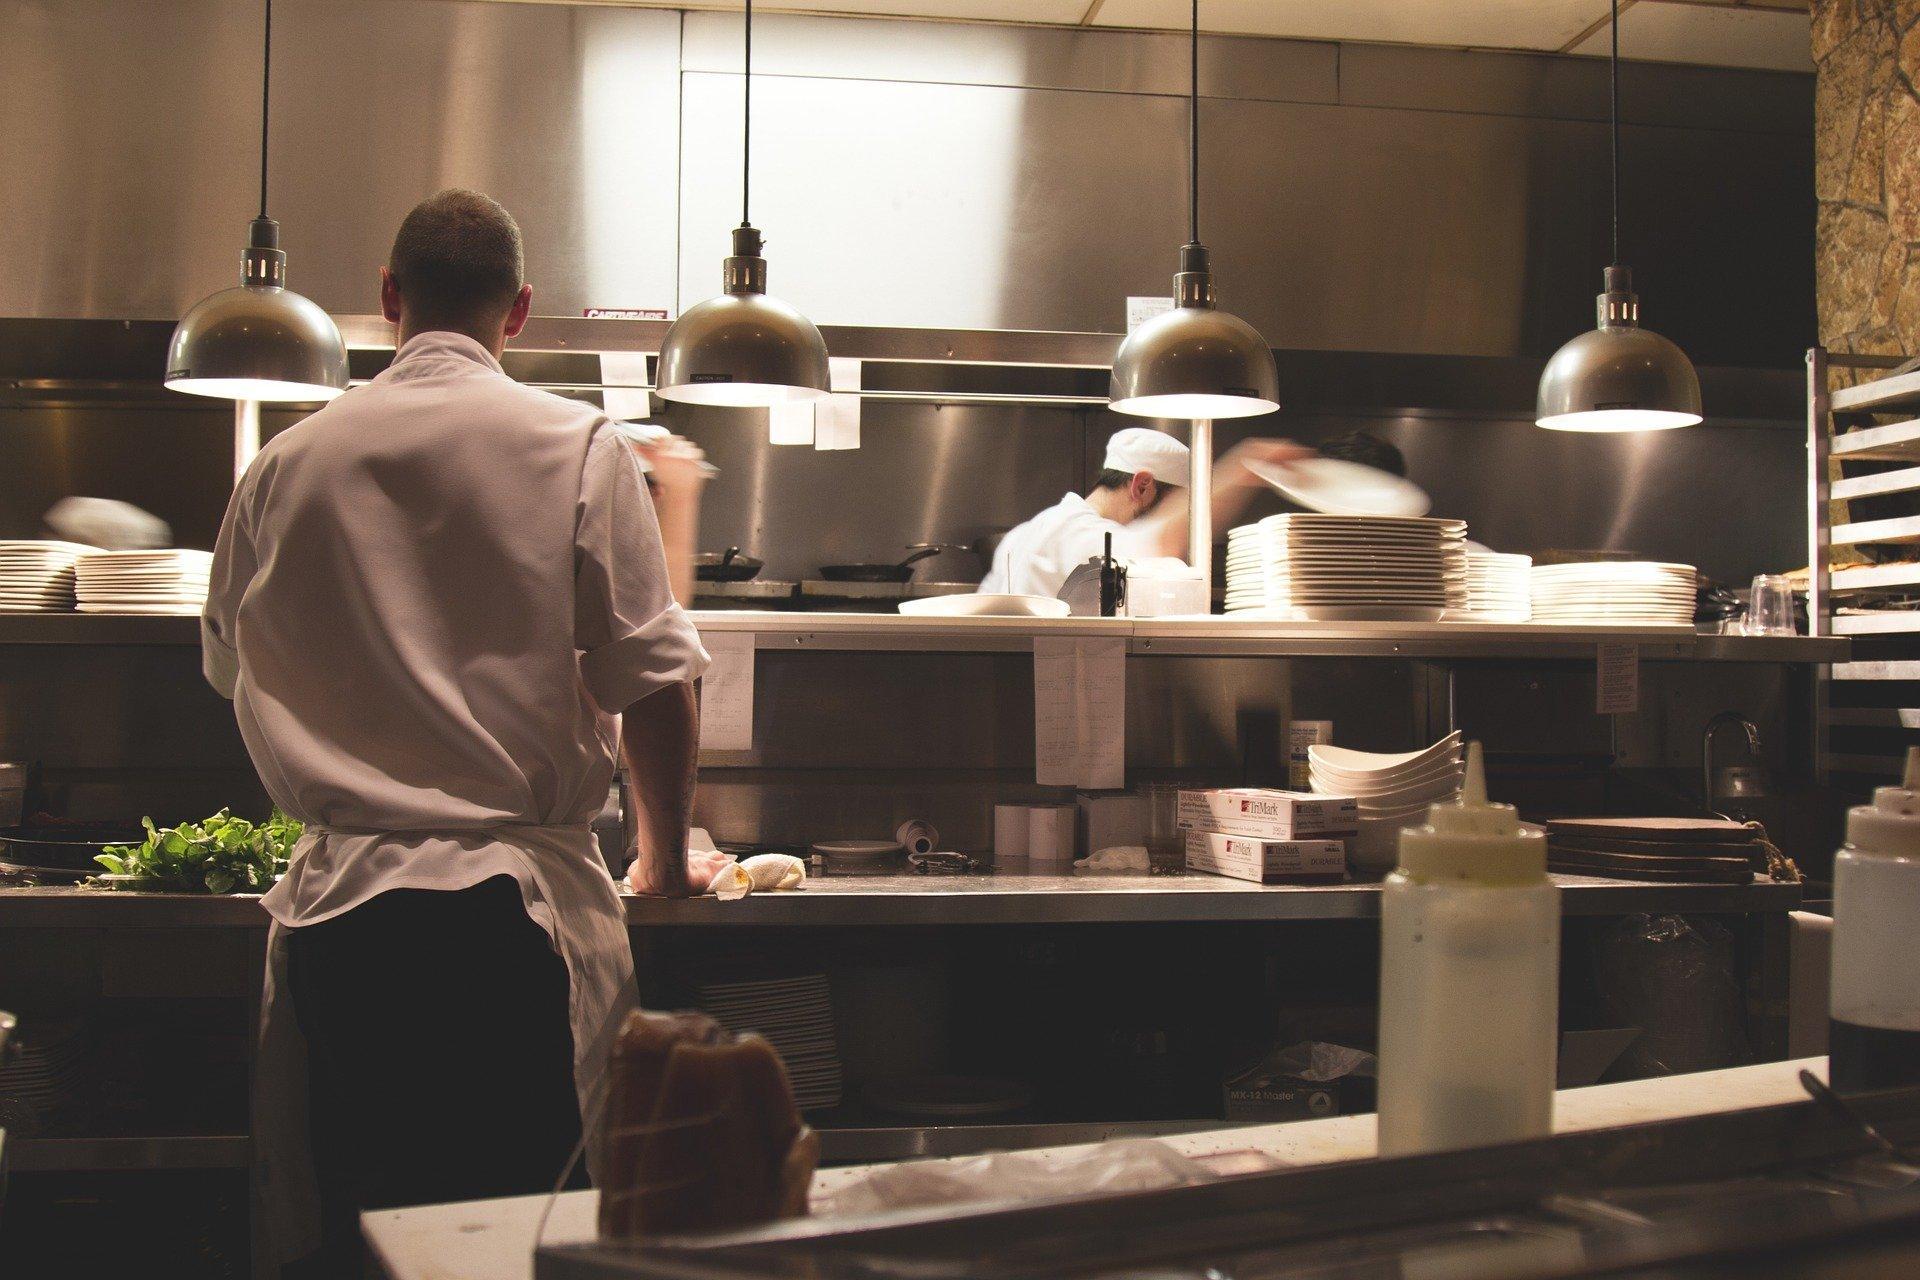 飲食店開業に必要な「食品営業許可」で確認したい「3つのポイント・お店編」(2020年11月最新版)